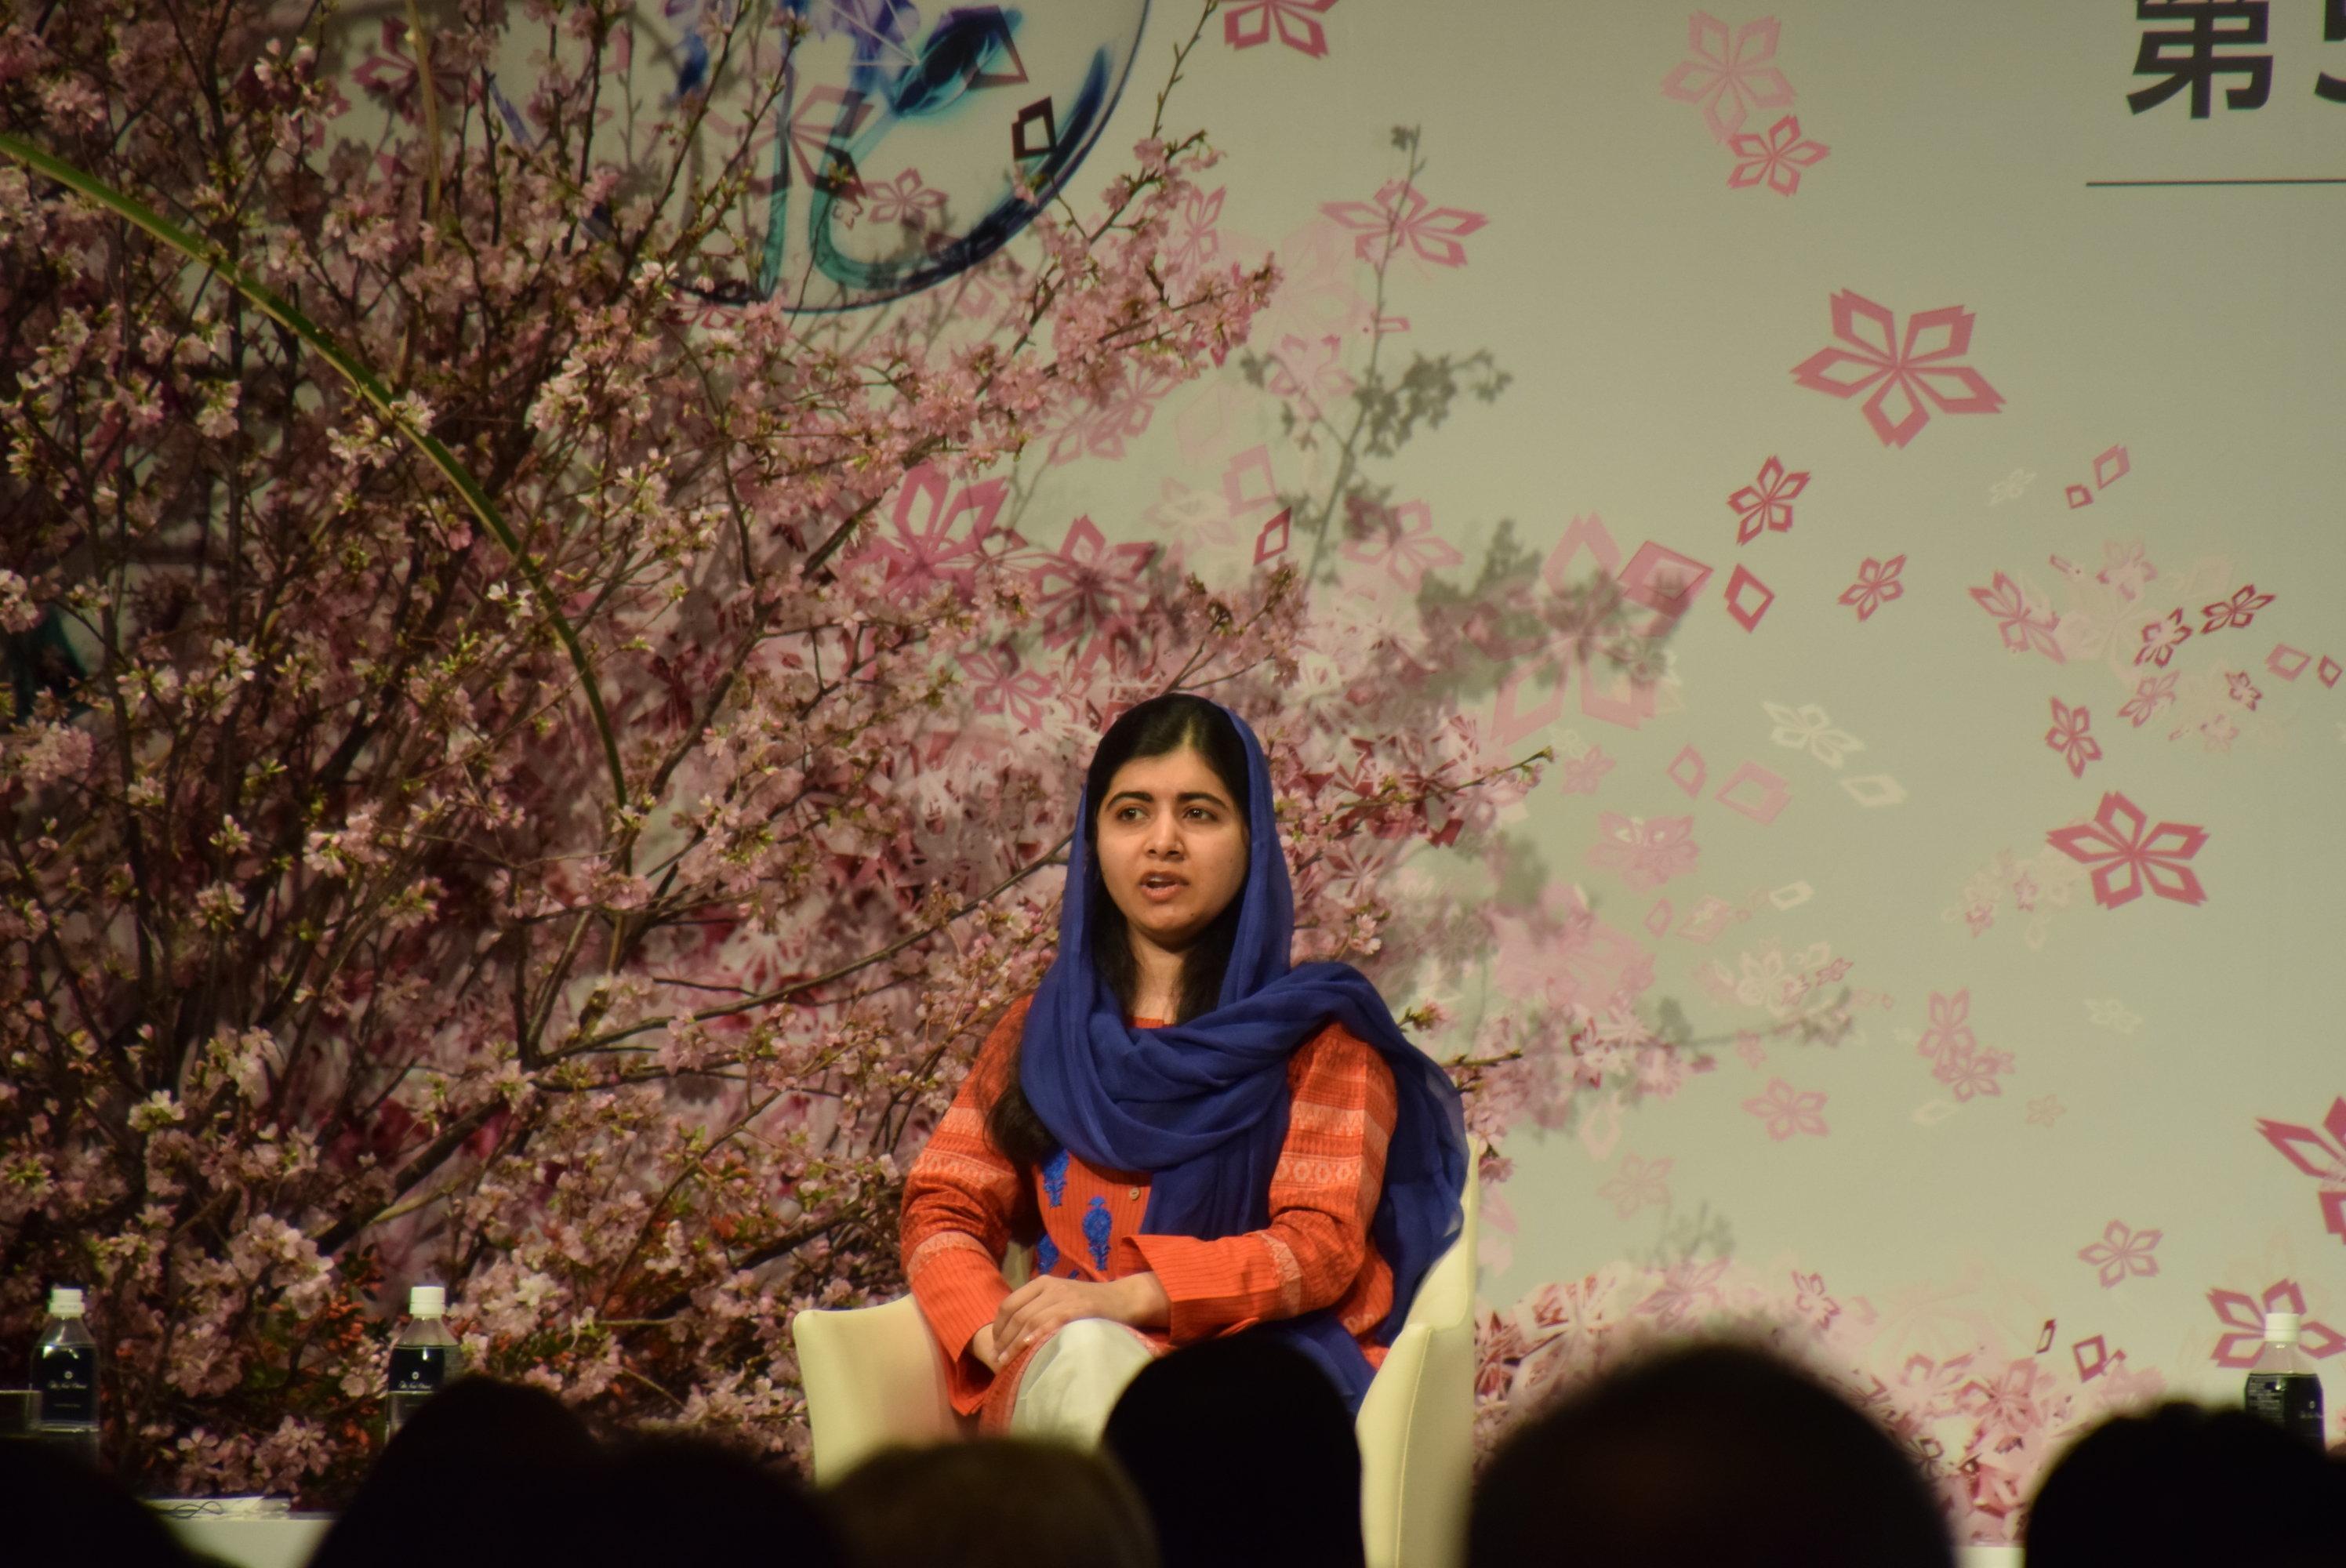 マララさん初来日で、安倍晋三首相は女子教育への支援を表明 会場に入りきれずパンク